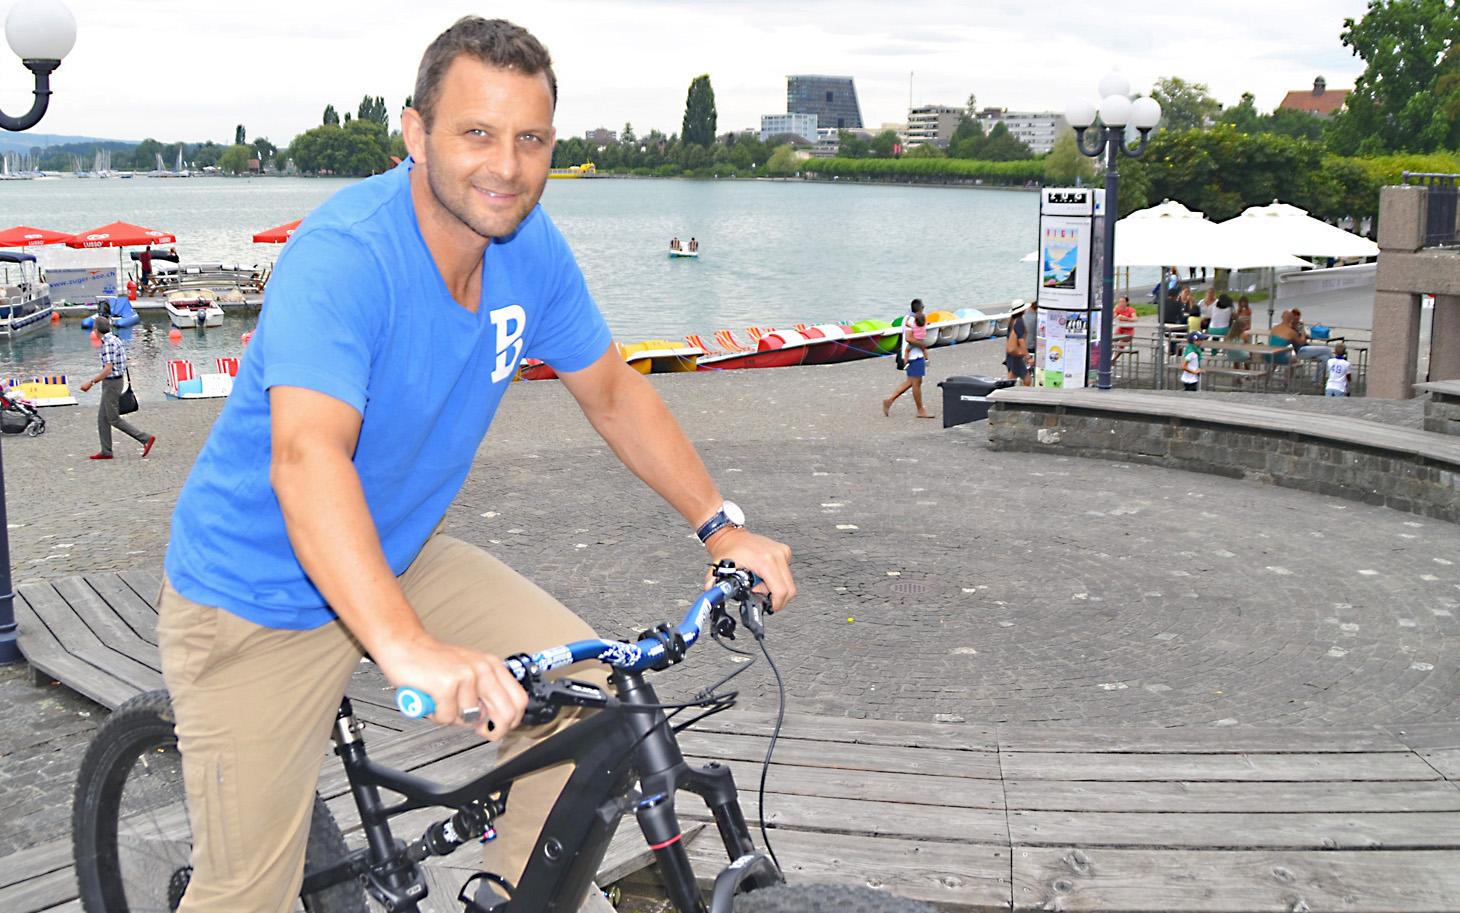 Daniel Schärer. Mit Zug Sports will er zurück zu den Ursprüngen des Events.